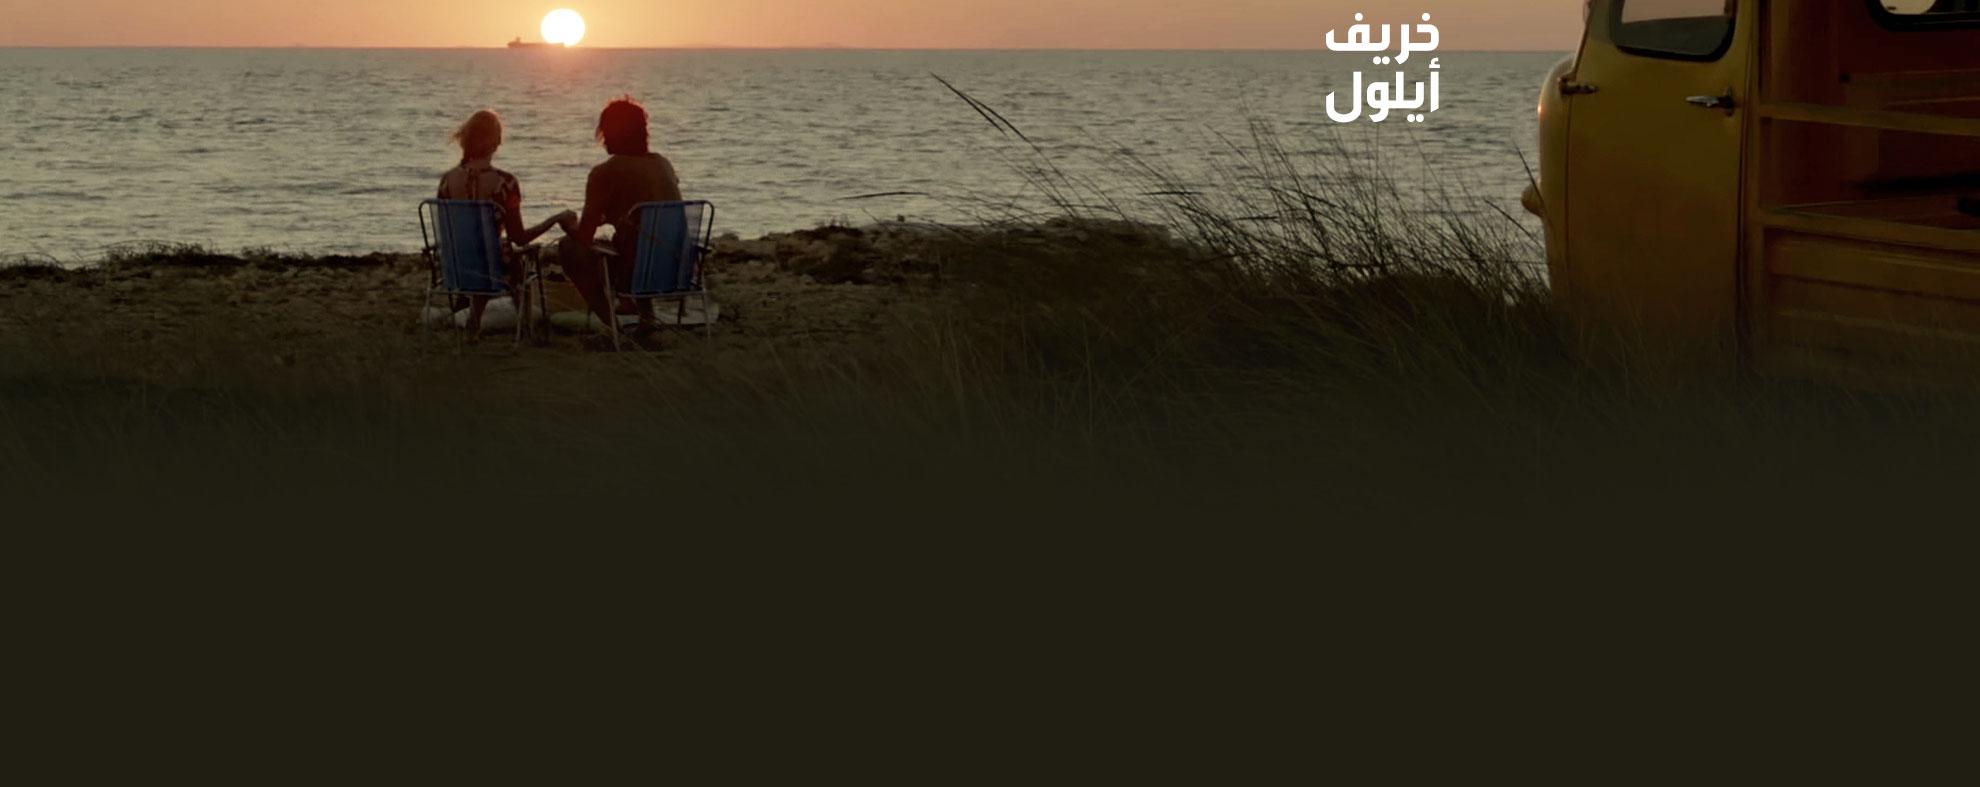 موعد وتوقيت عرض مسلسل خريف أيلول 2016 على قناة mbc